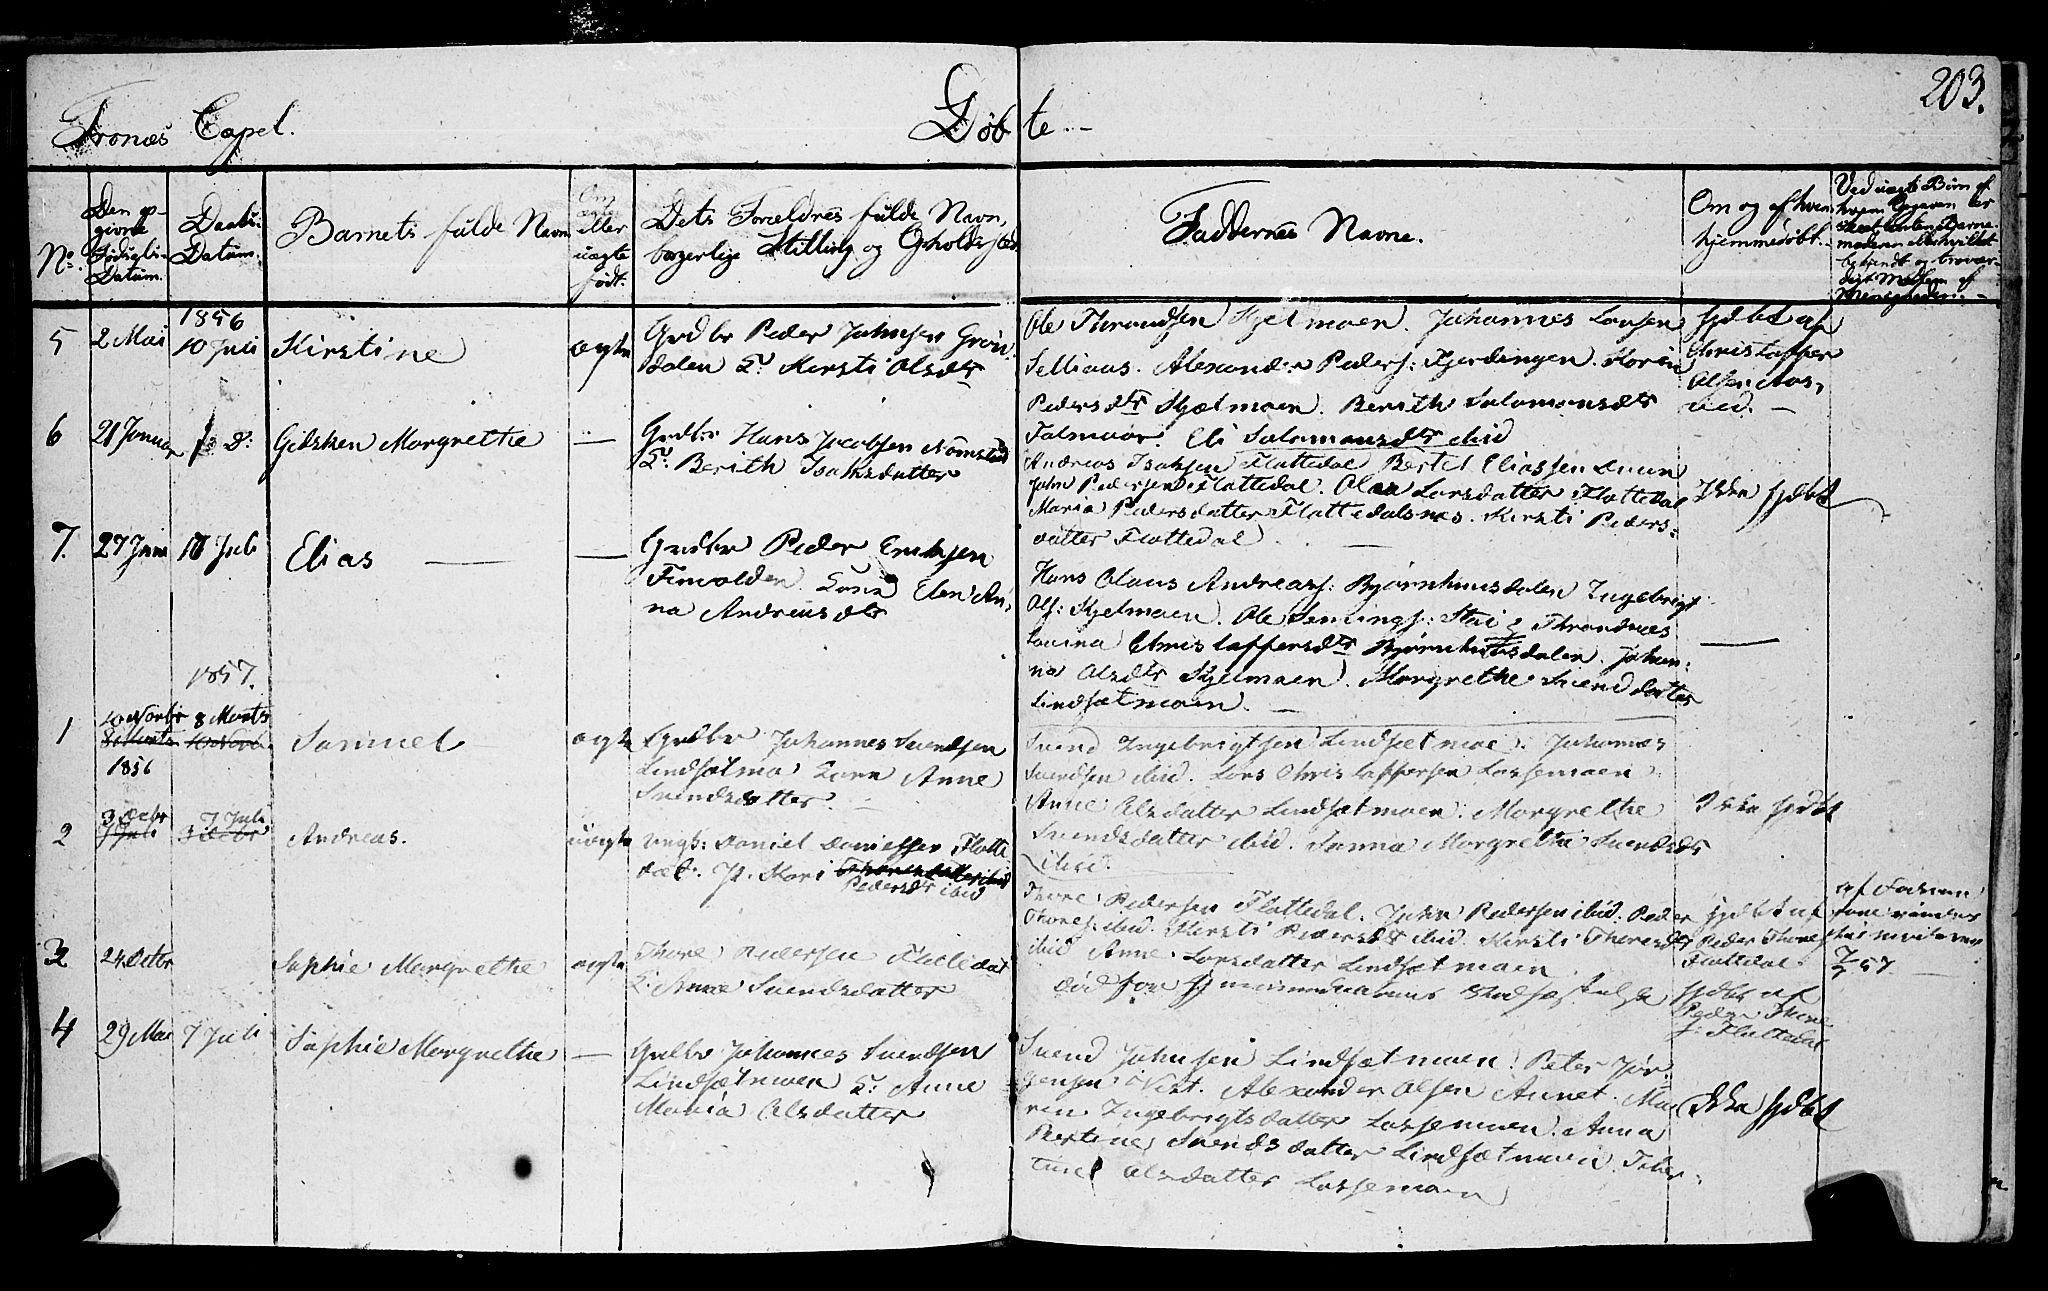 SAT, Ministerialprotokoller, klokkerbøker og fødselsregistre - Nord-Trøndelag, 762/L0538: Ministerialbok nr. 762A02 /2, 1833-1879, s. 203